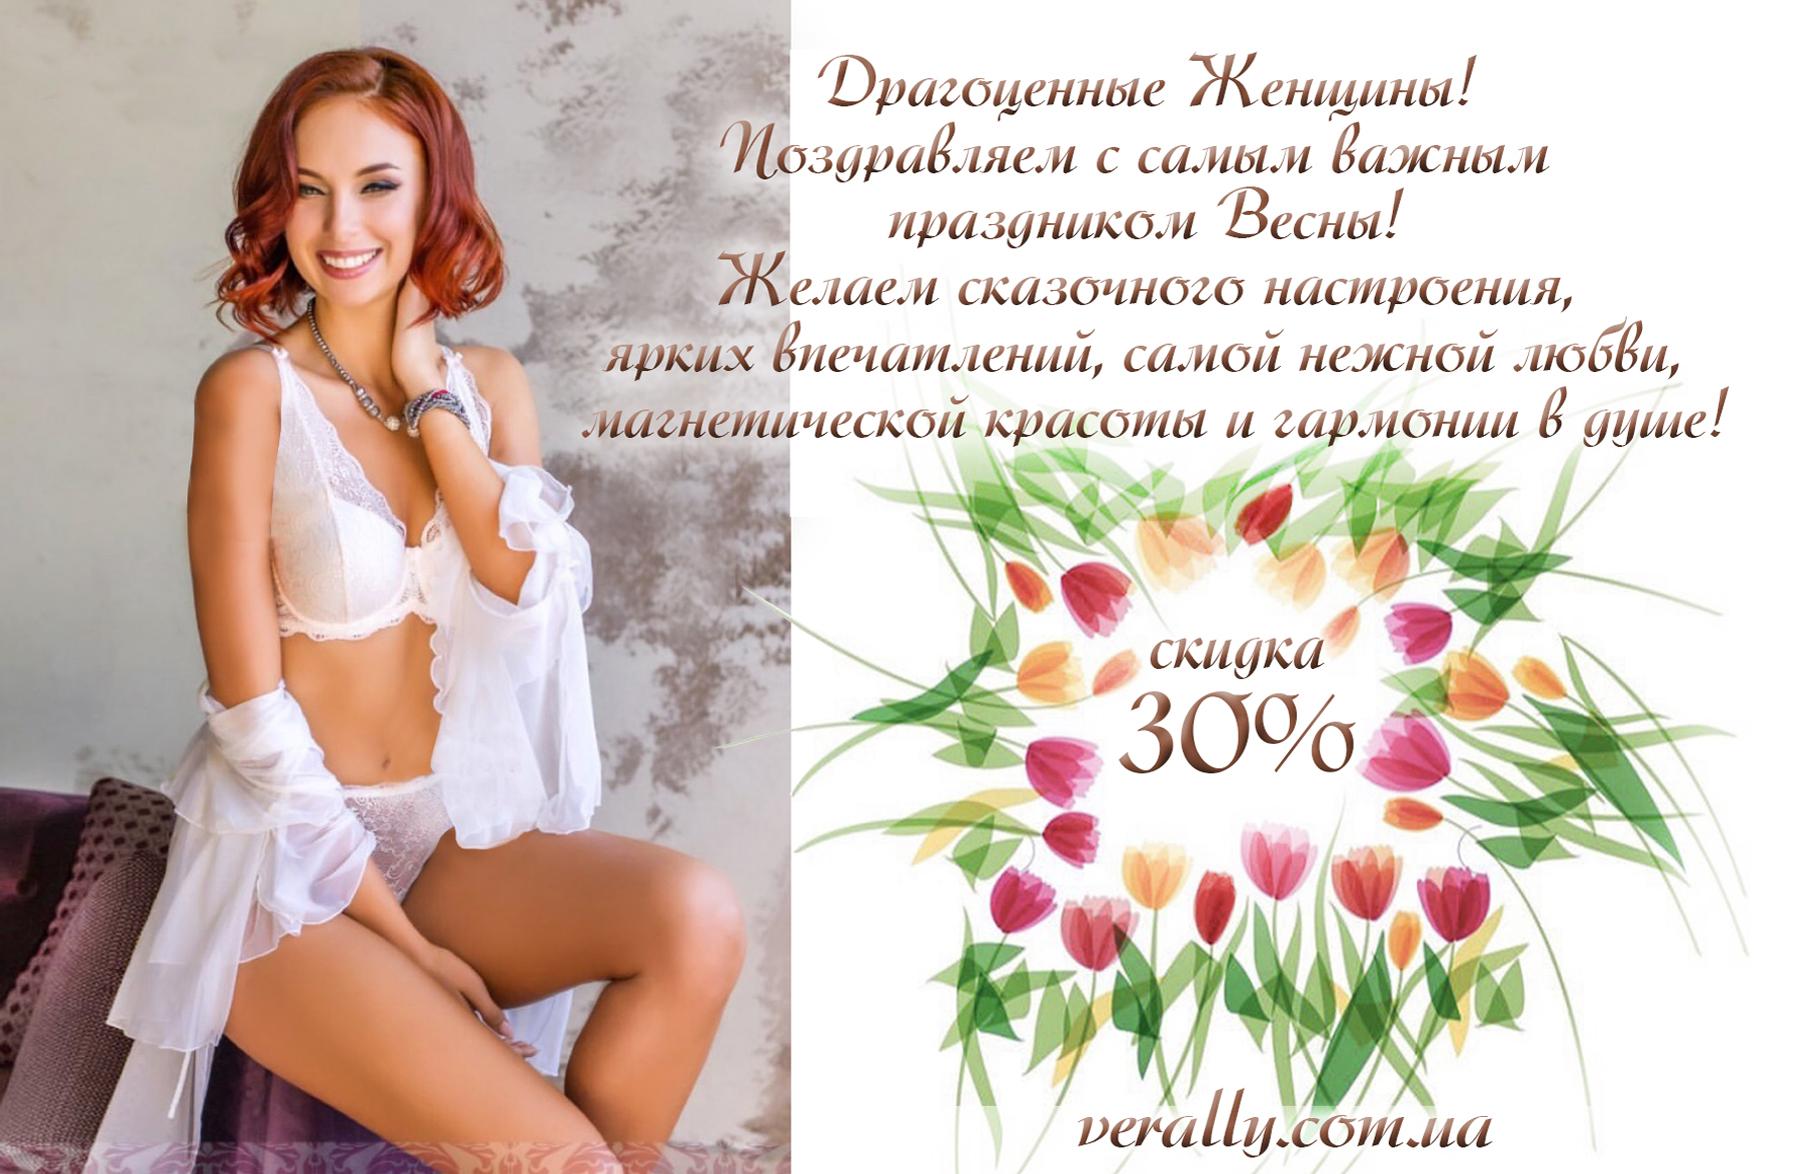 скидки для любимых женщин на бельё verally